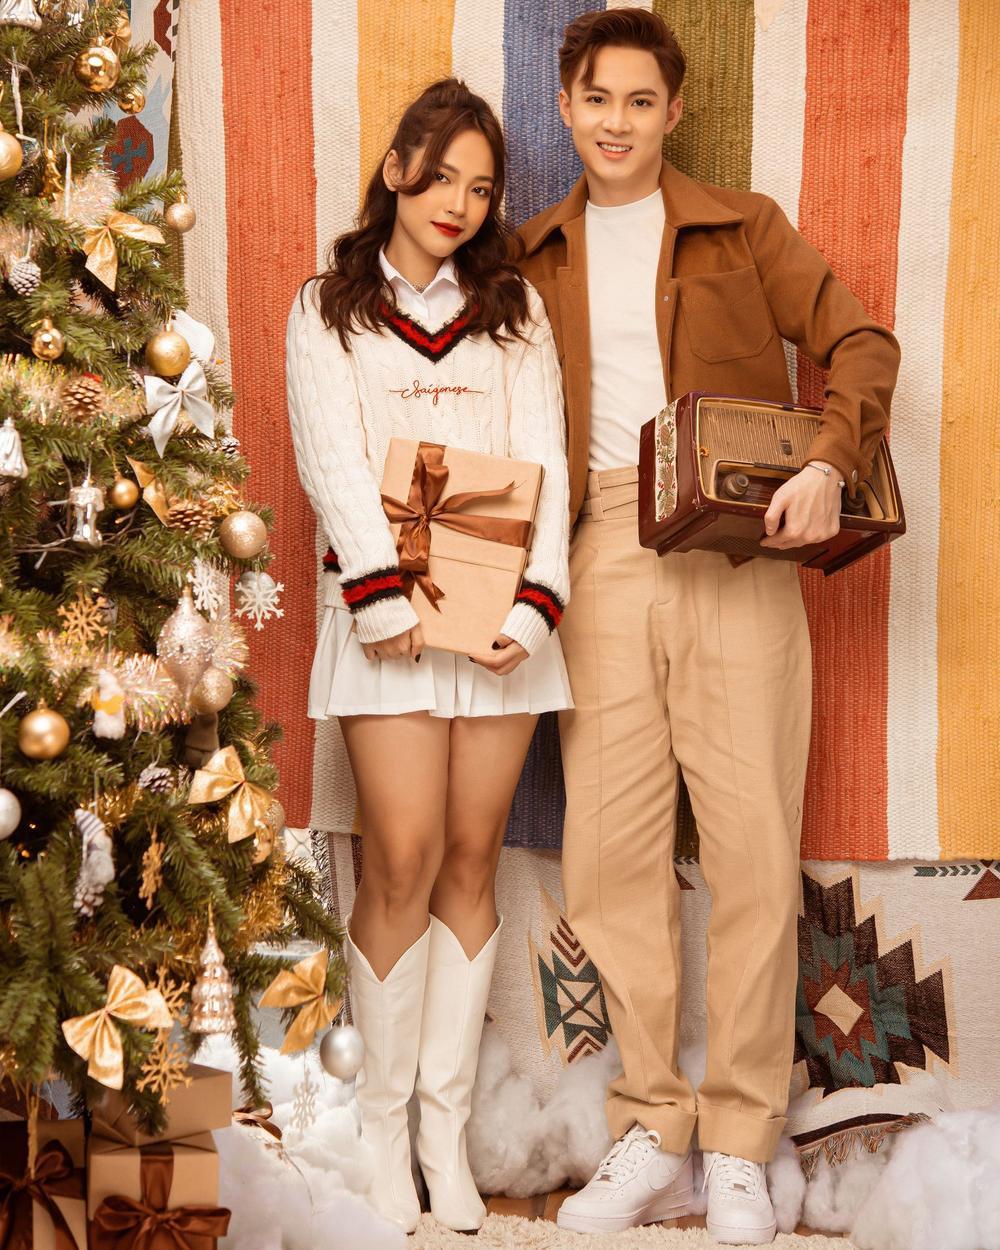 Cara - Noway tung bộ ảnh Giáng Sinh ấm áp, phát 'cẩu lương' miễn phí khiến fan ghen tị Ảnh 3